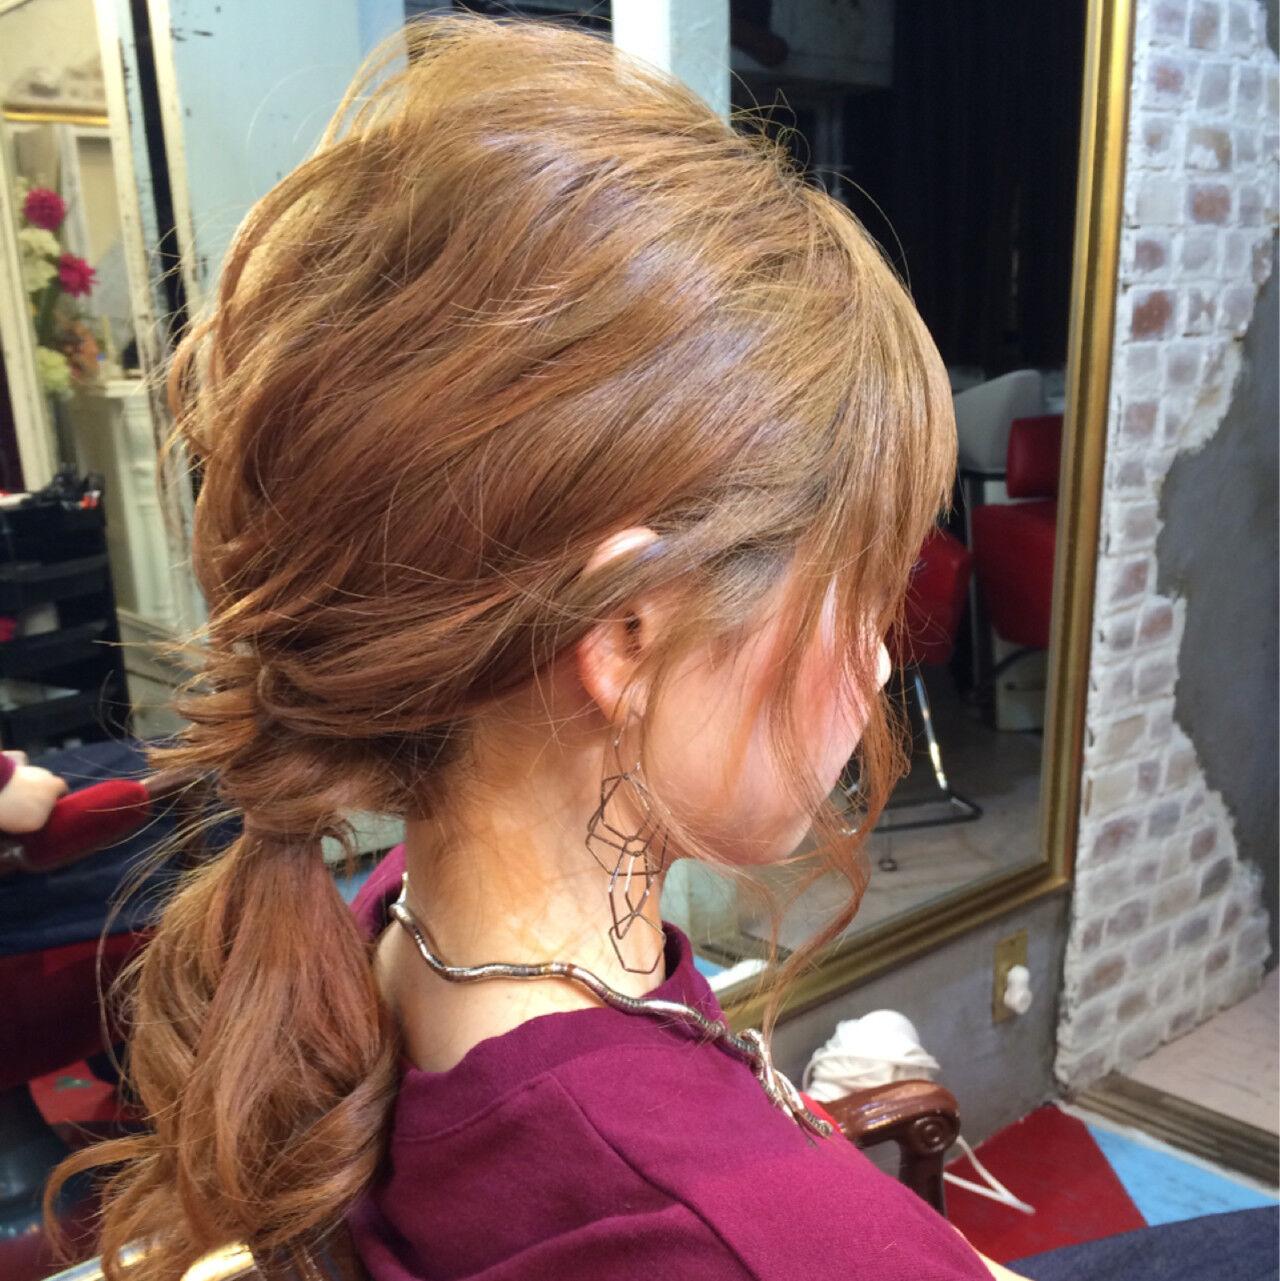 ハーフアップ 簡単ヘアアレンジ フェミニン ゆるふわヘアスタイルや髪型の写真・画像